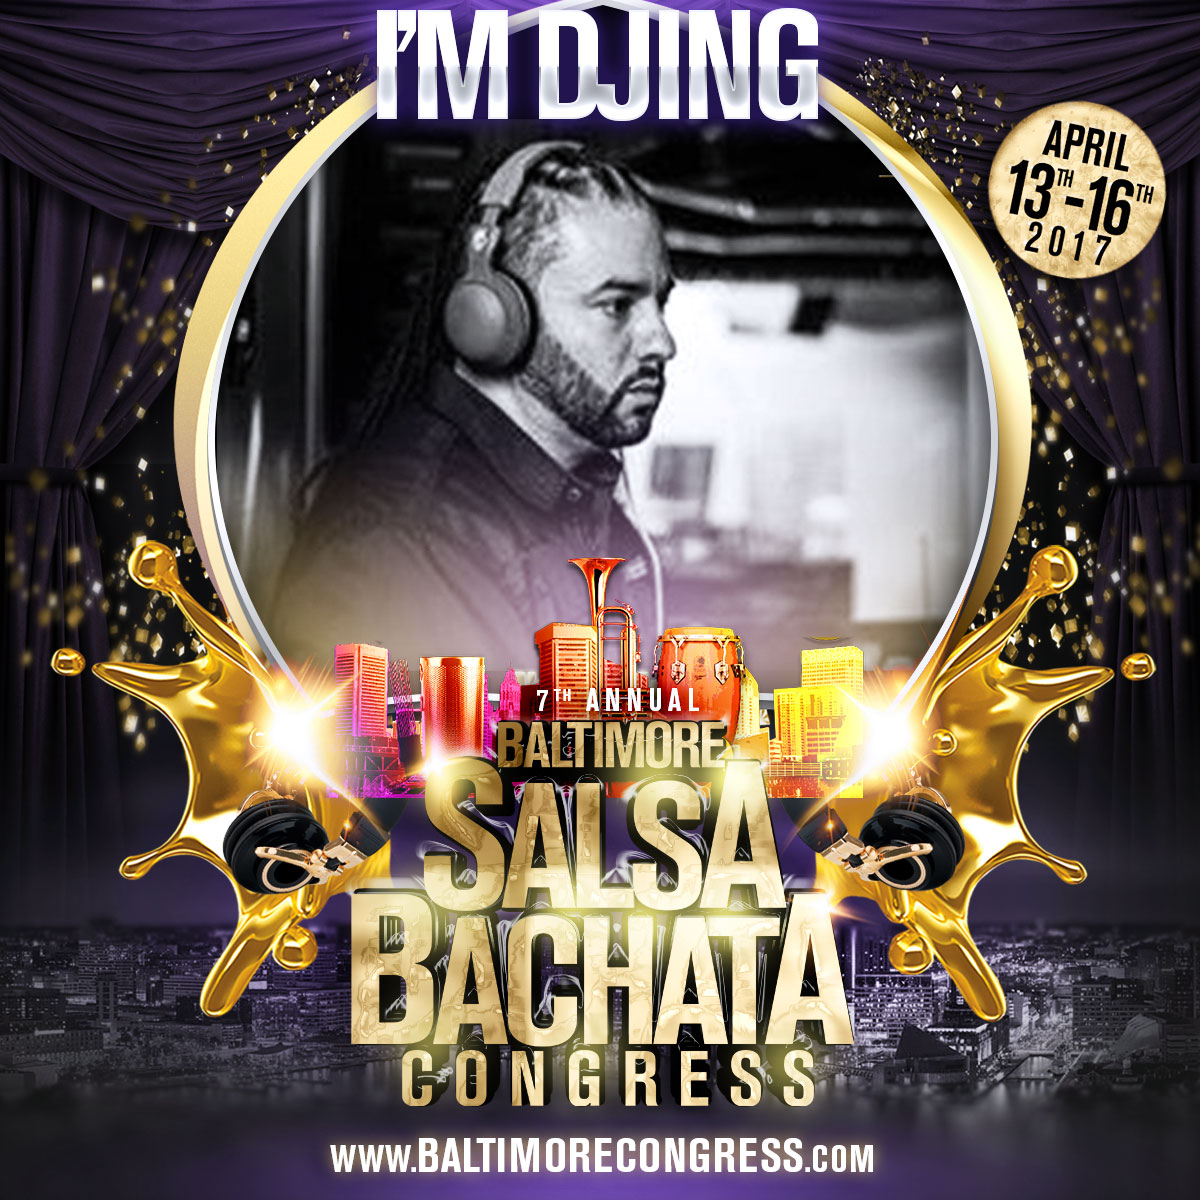 DJ-BigBoyBachata